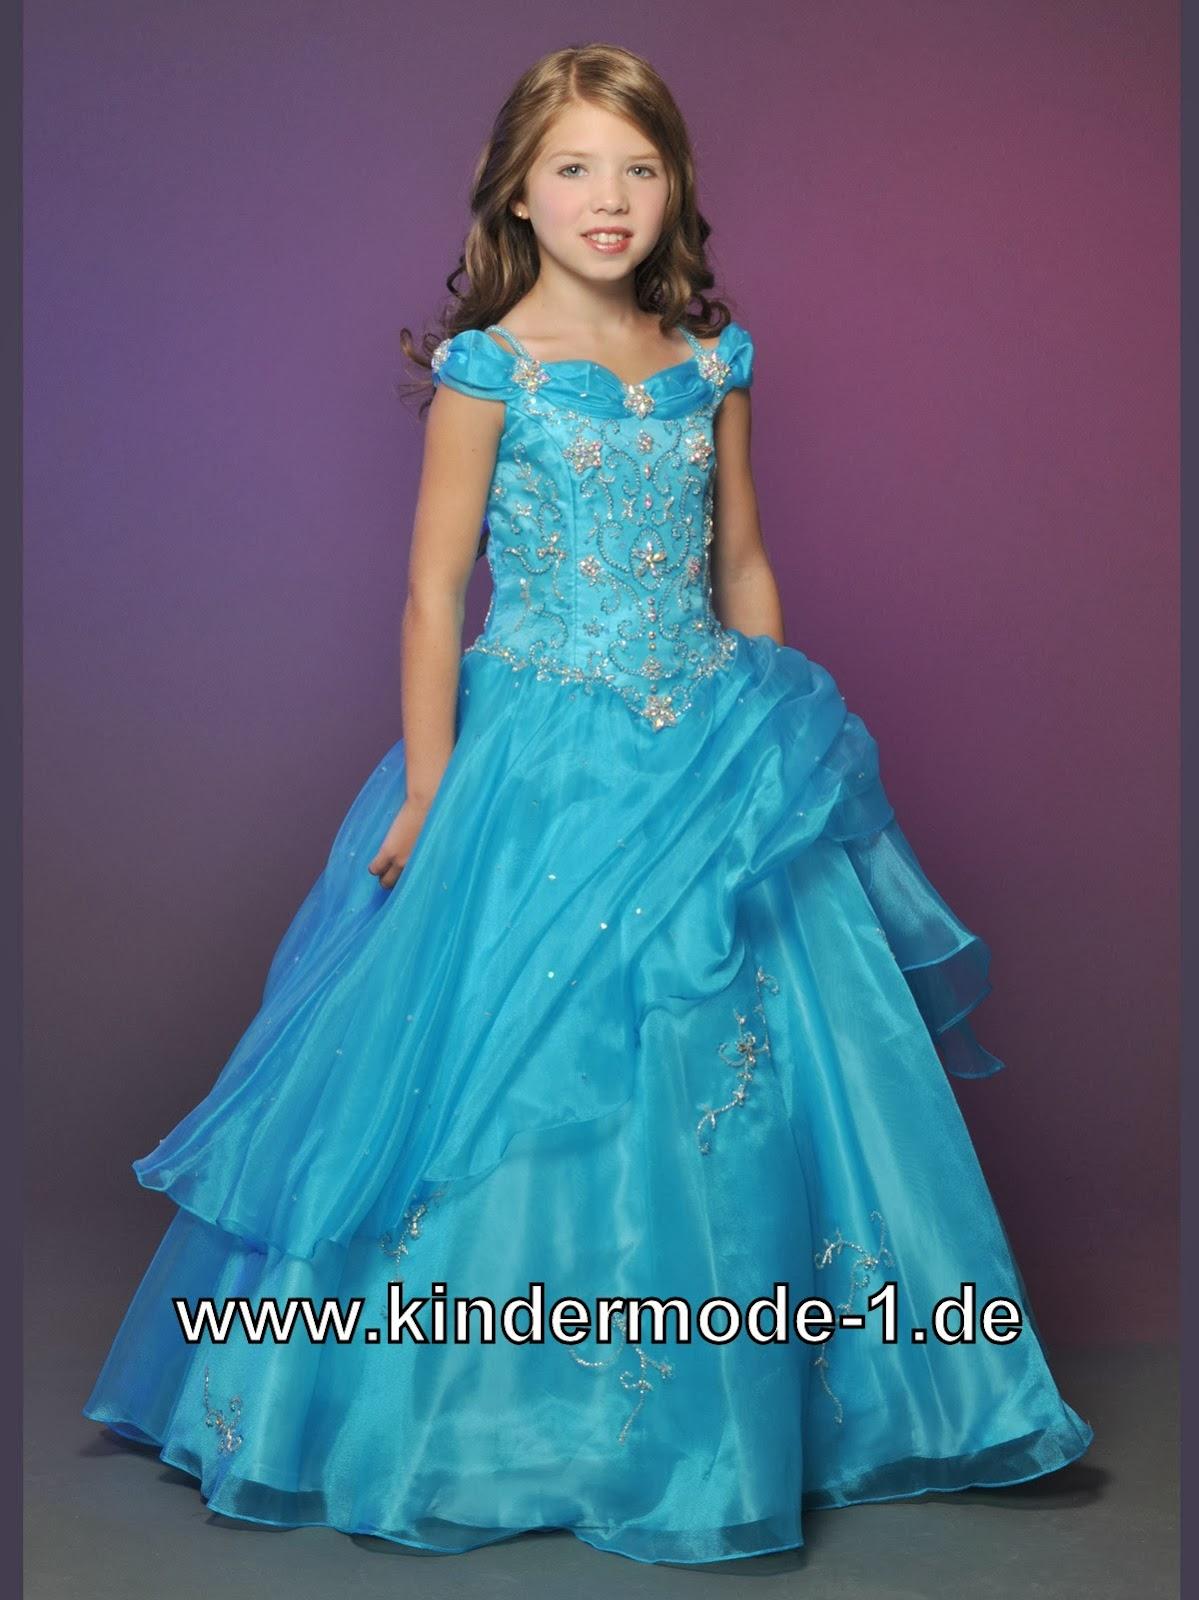 Traumhaftes sissi mädchen kleid in blau